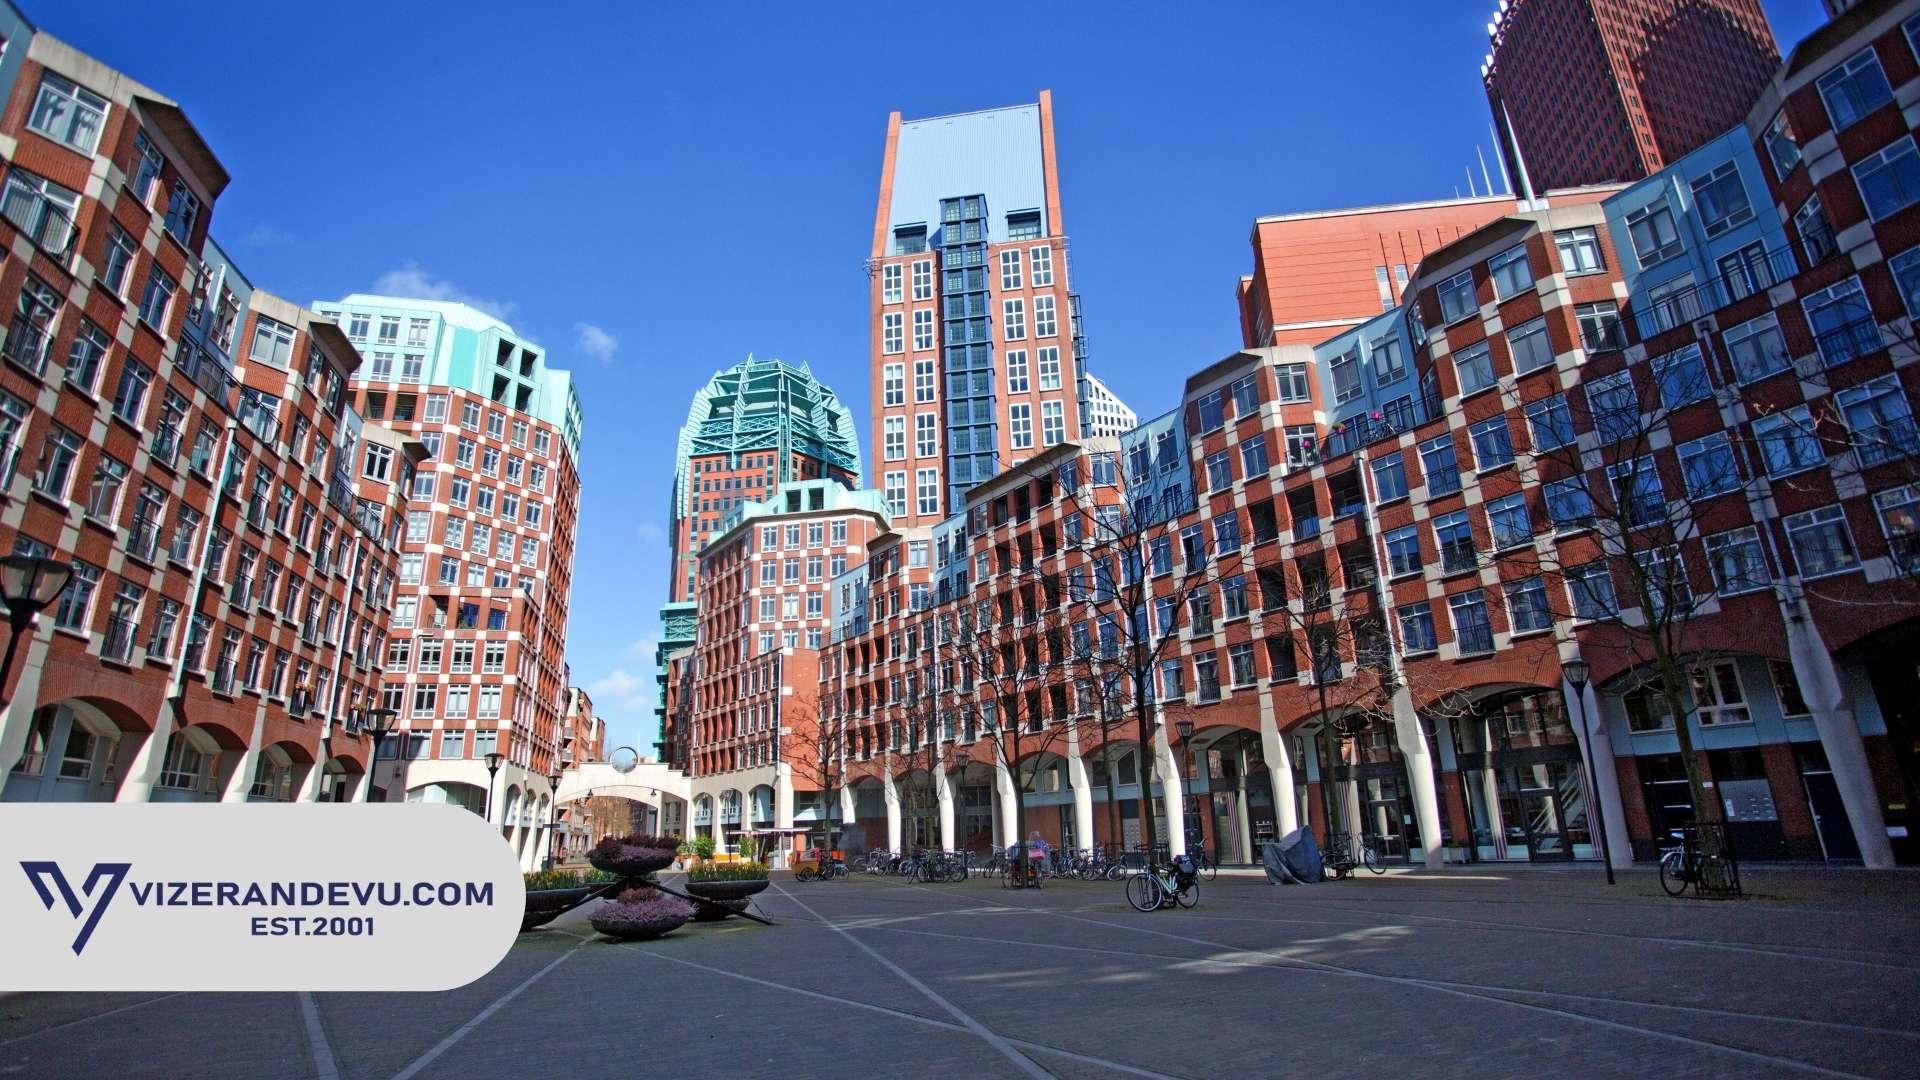 Hollanda Başvurunuzun Ne Zaman Ulaştırılacağı KonusuHollanda Başvurunuzun Ne Zaman Ulaştırılacağı Konusu